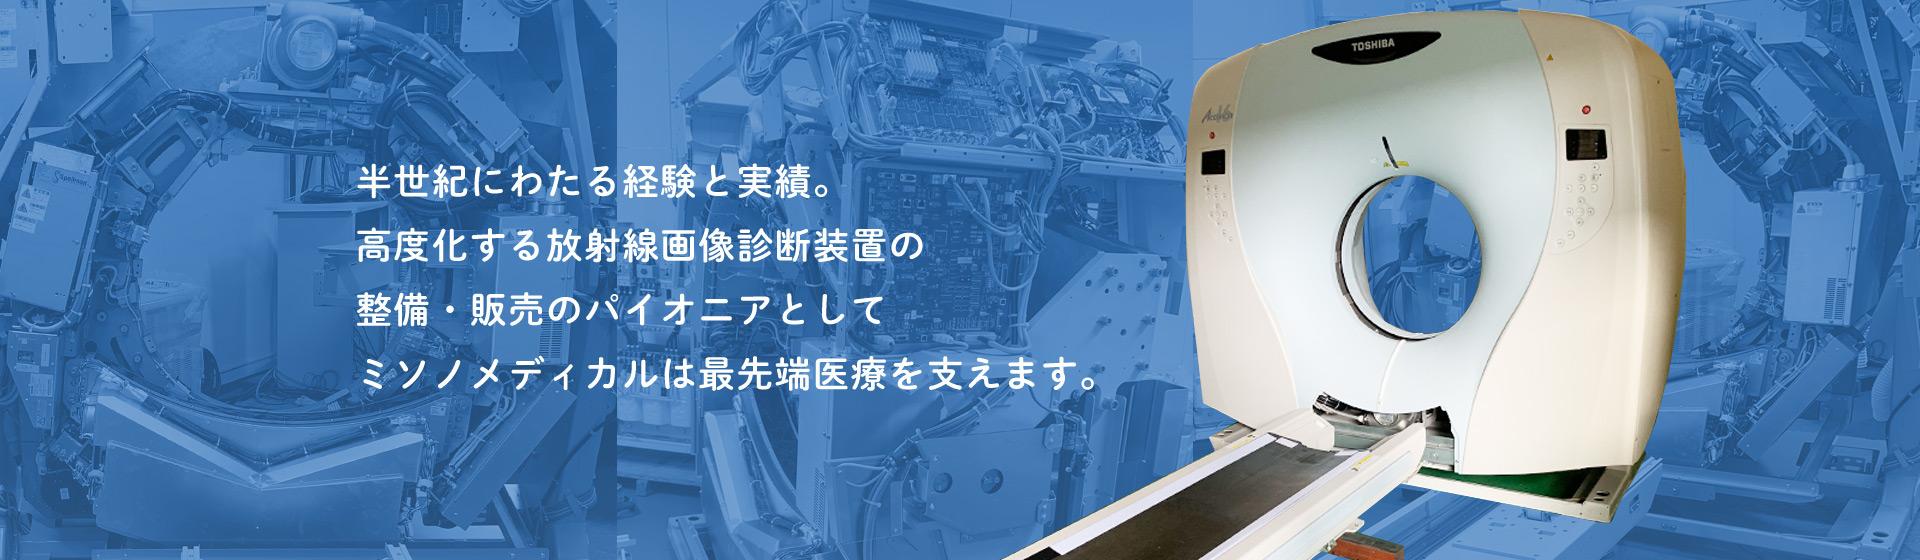 半世紀にわたる経験と実績。高度化する放射線画像診断装置の整備・販売のパイオニアとしてミソノメディカルは最先端医療を支えます。